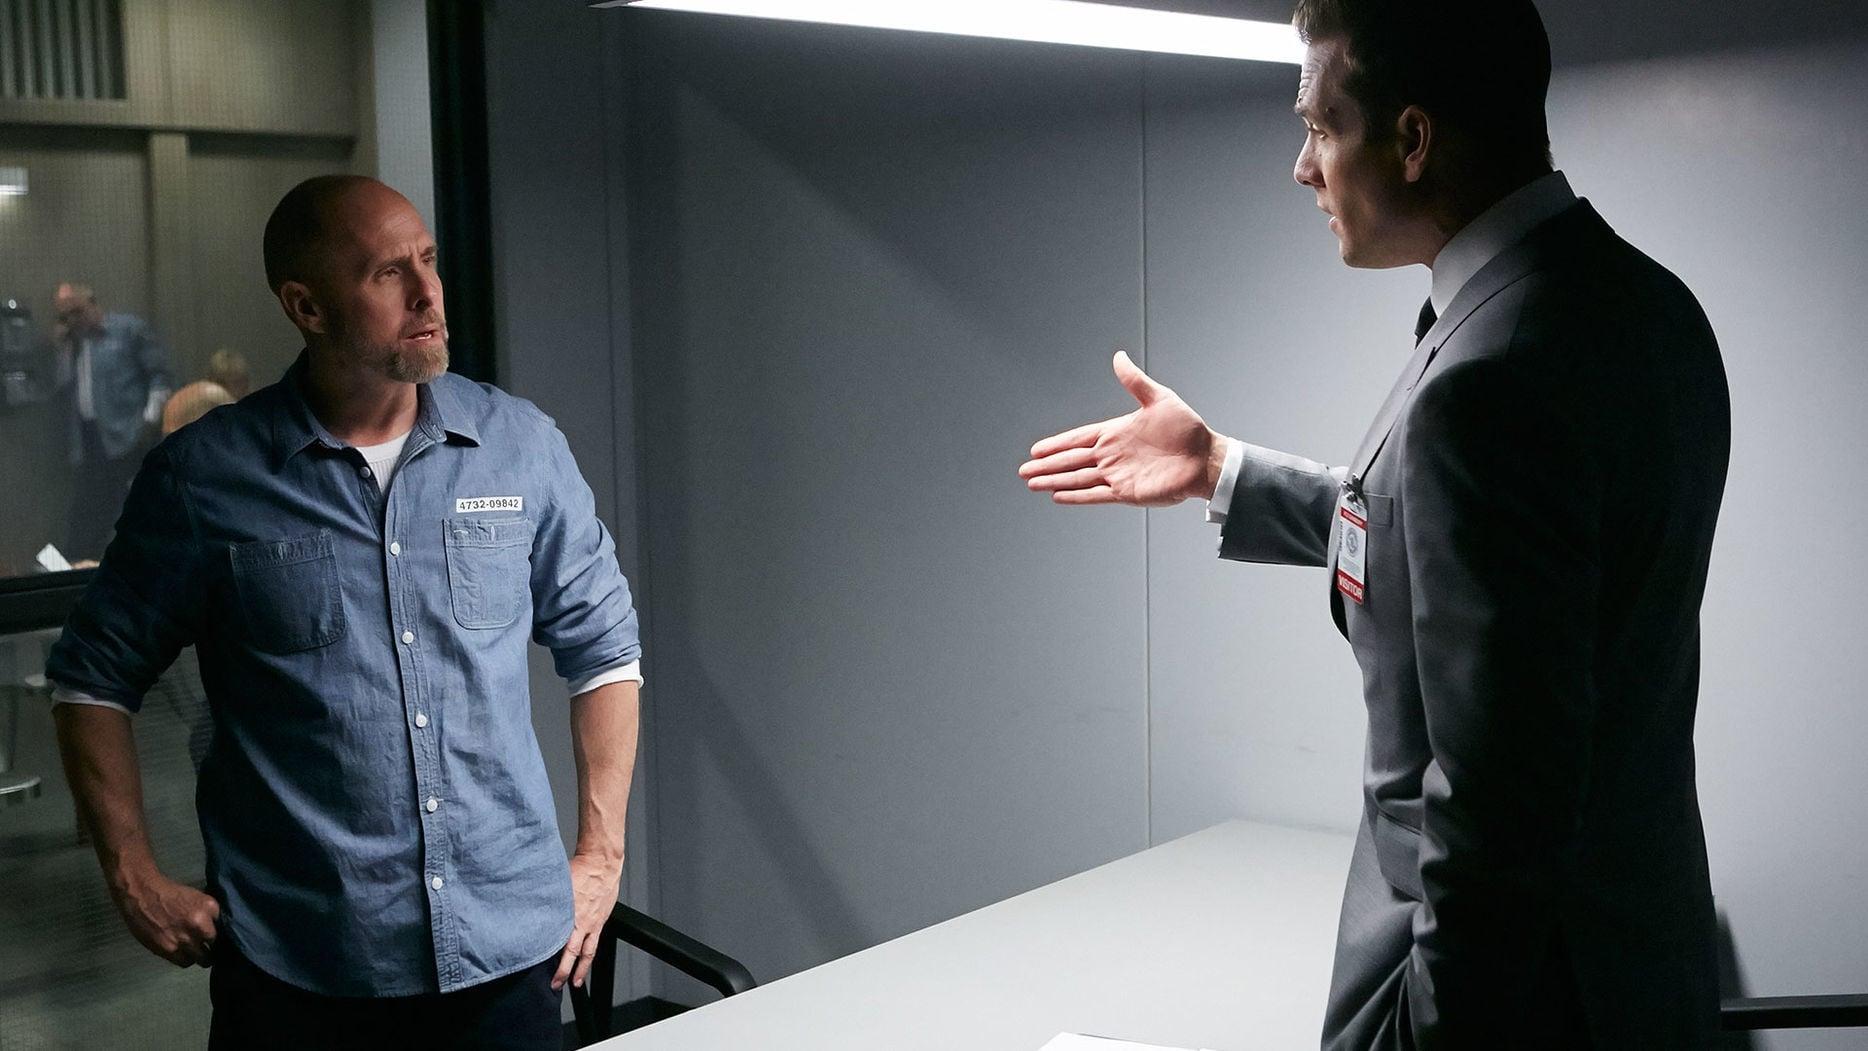 Suits - Season 6 Episode 5 : Trust